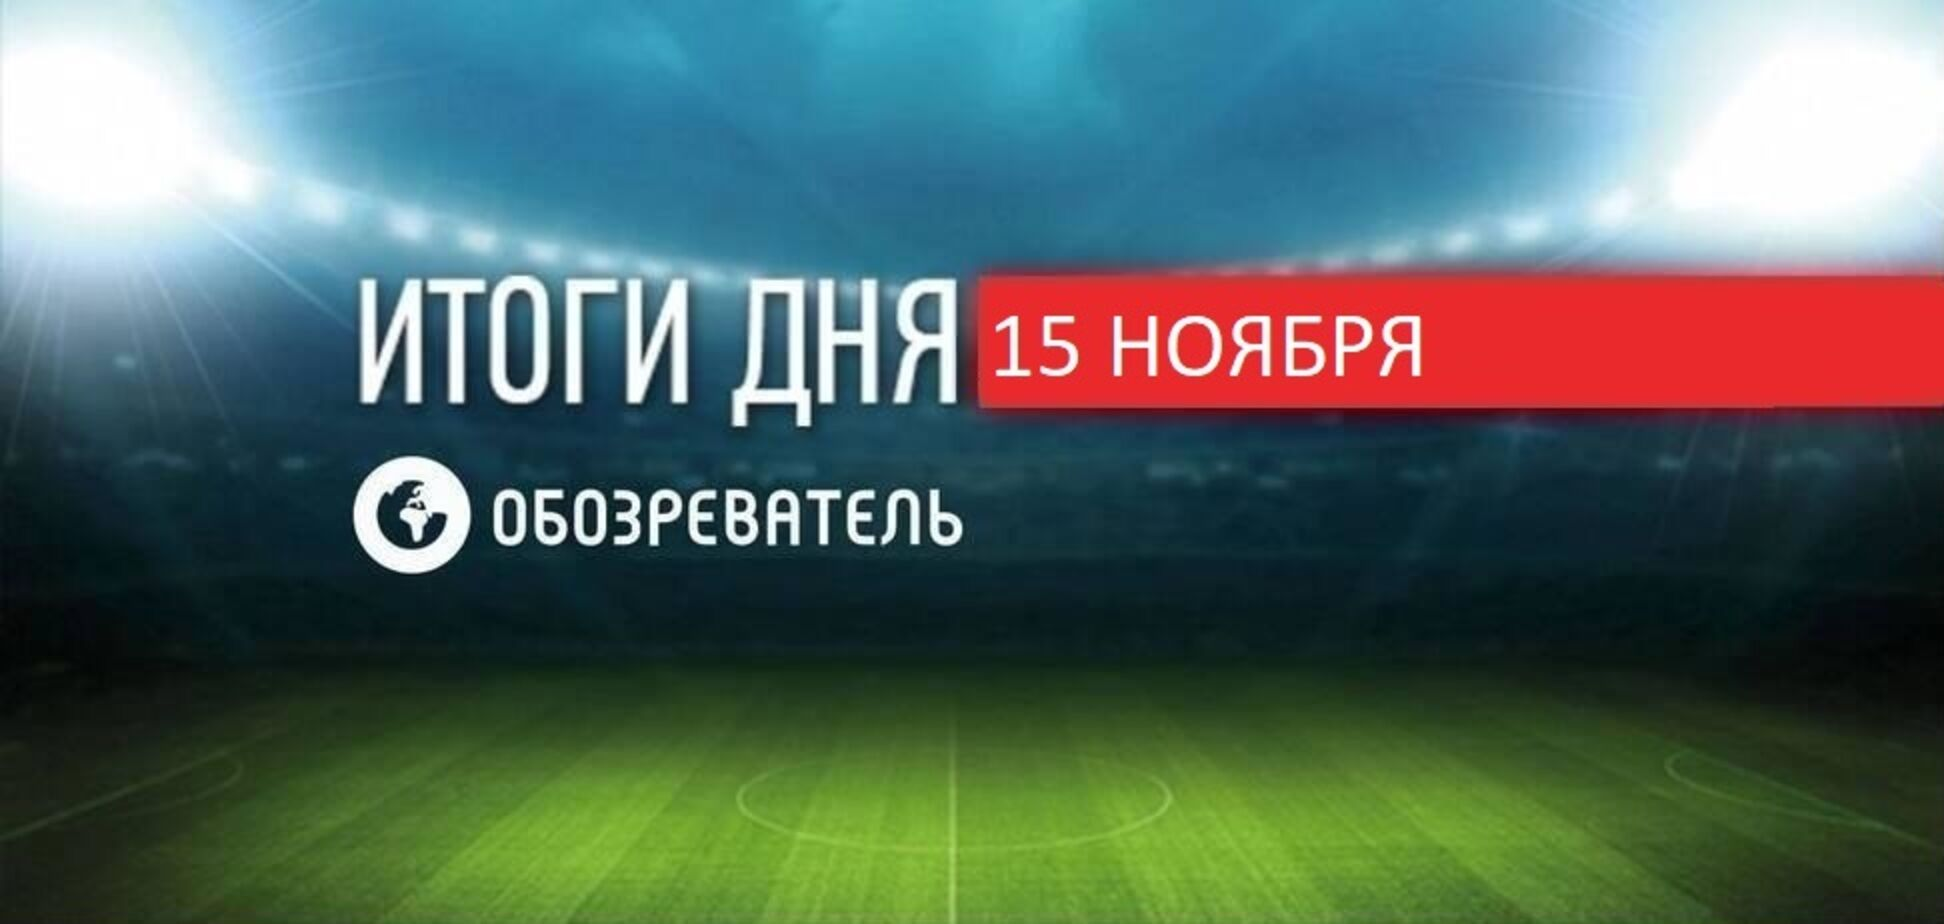 Названы расклады для Украины в Лиге наций: спортивные итоги 15 ноября